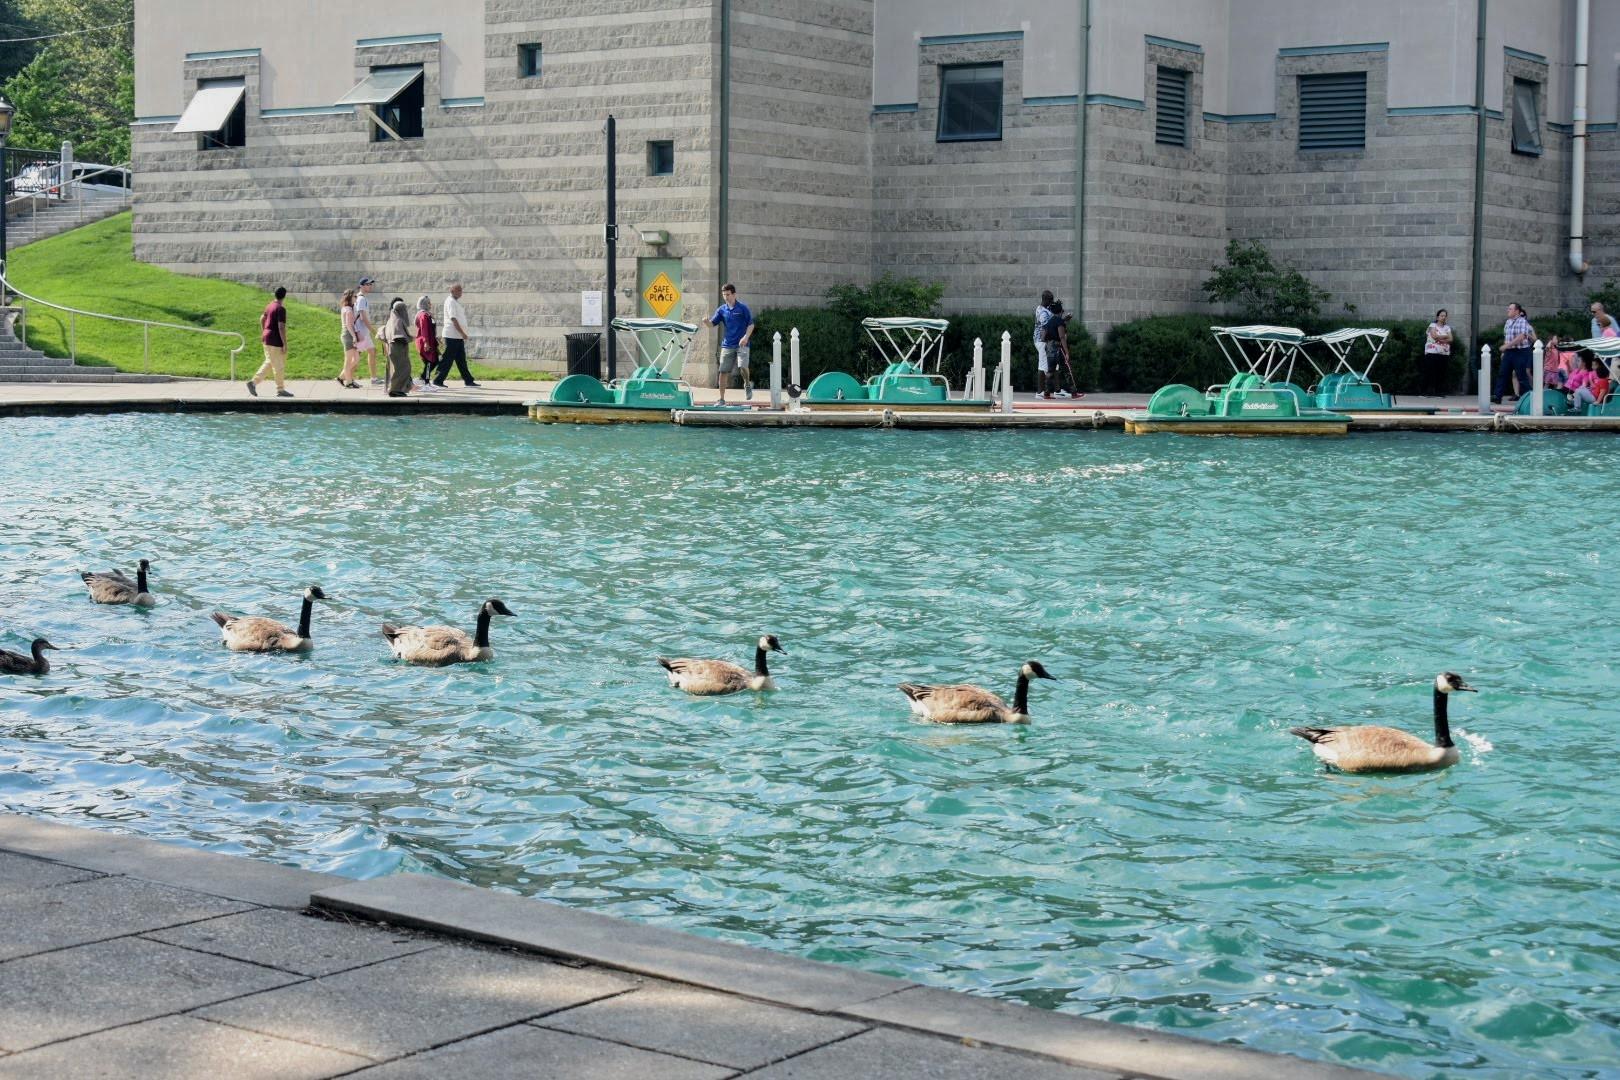 String of ducks